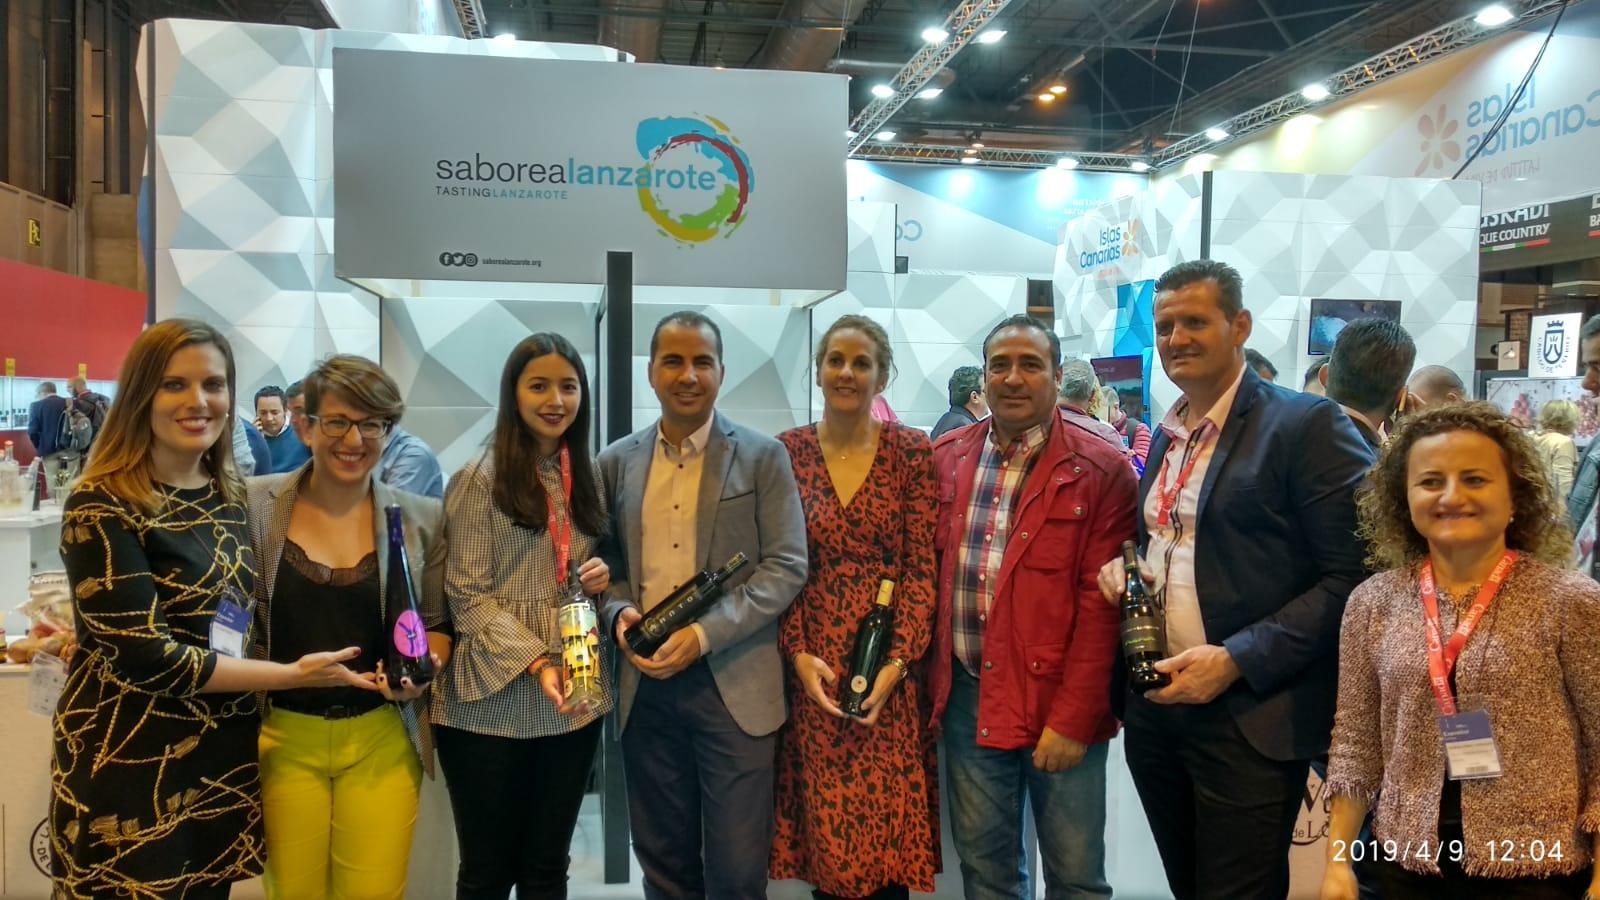 Saborea Lanzarote asiste por séptimo año consecutivo al 'Salón de Gourmets' con una selección de productos autóctonos de calidad